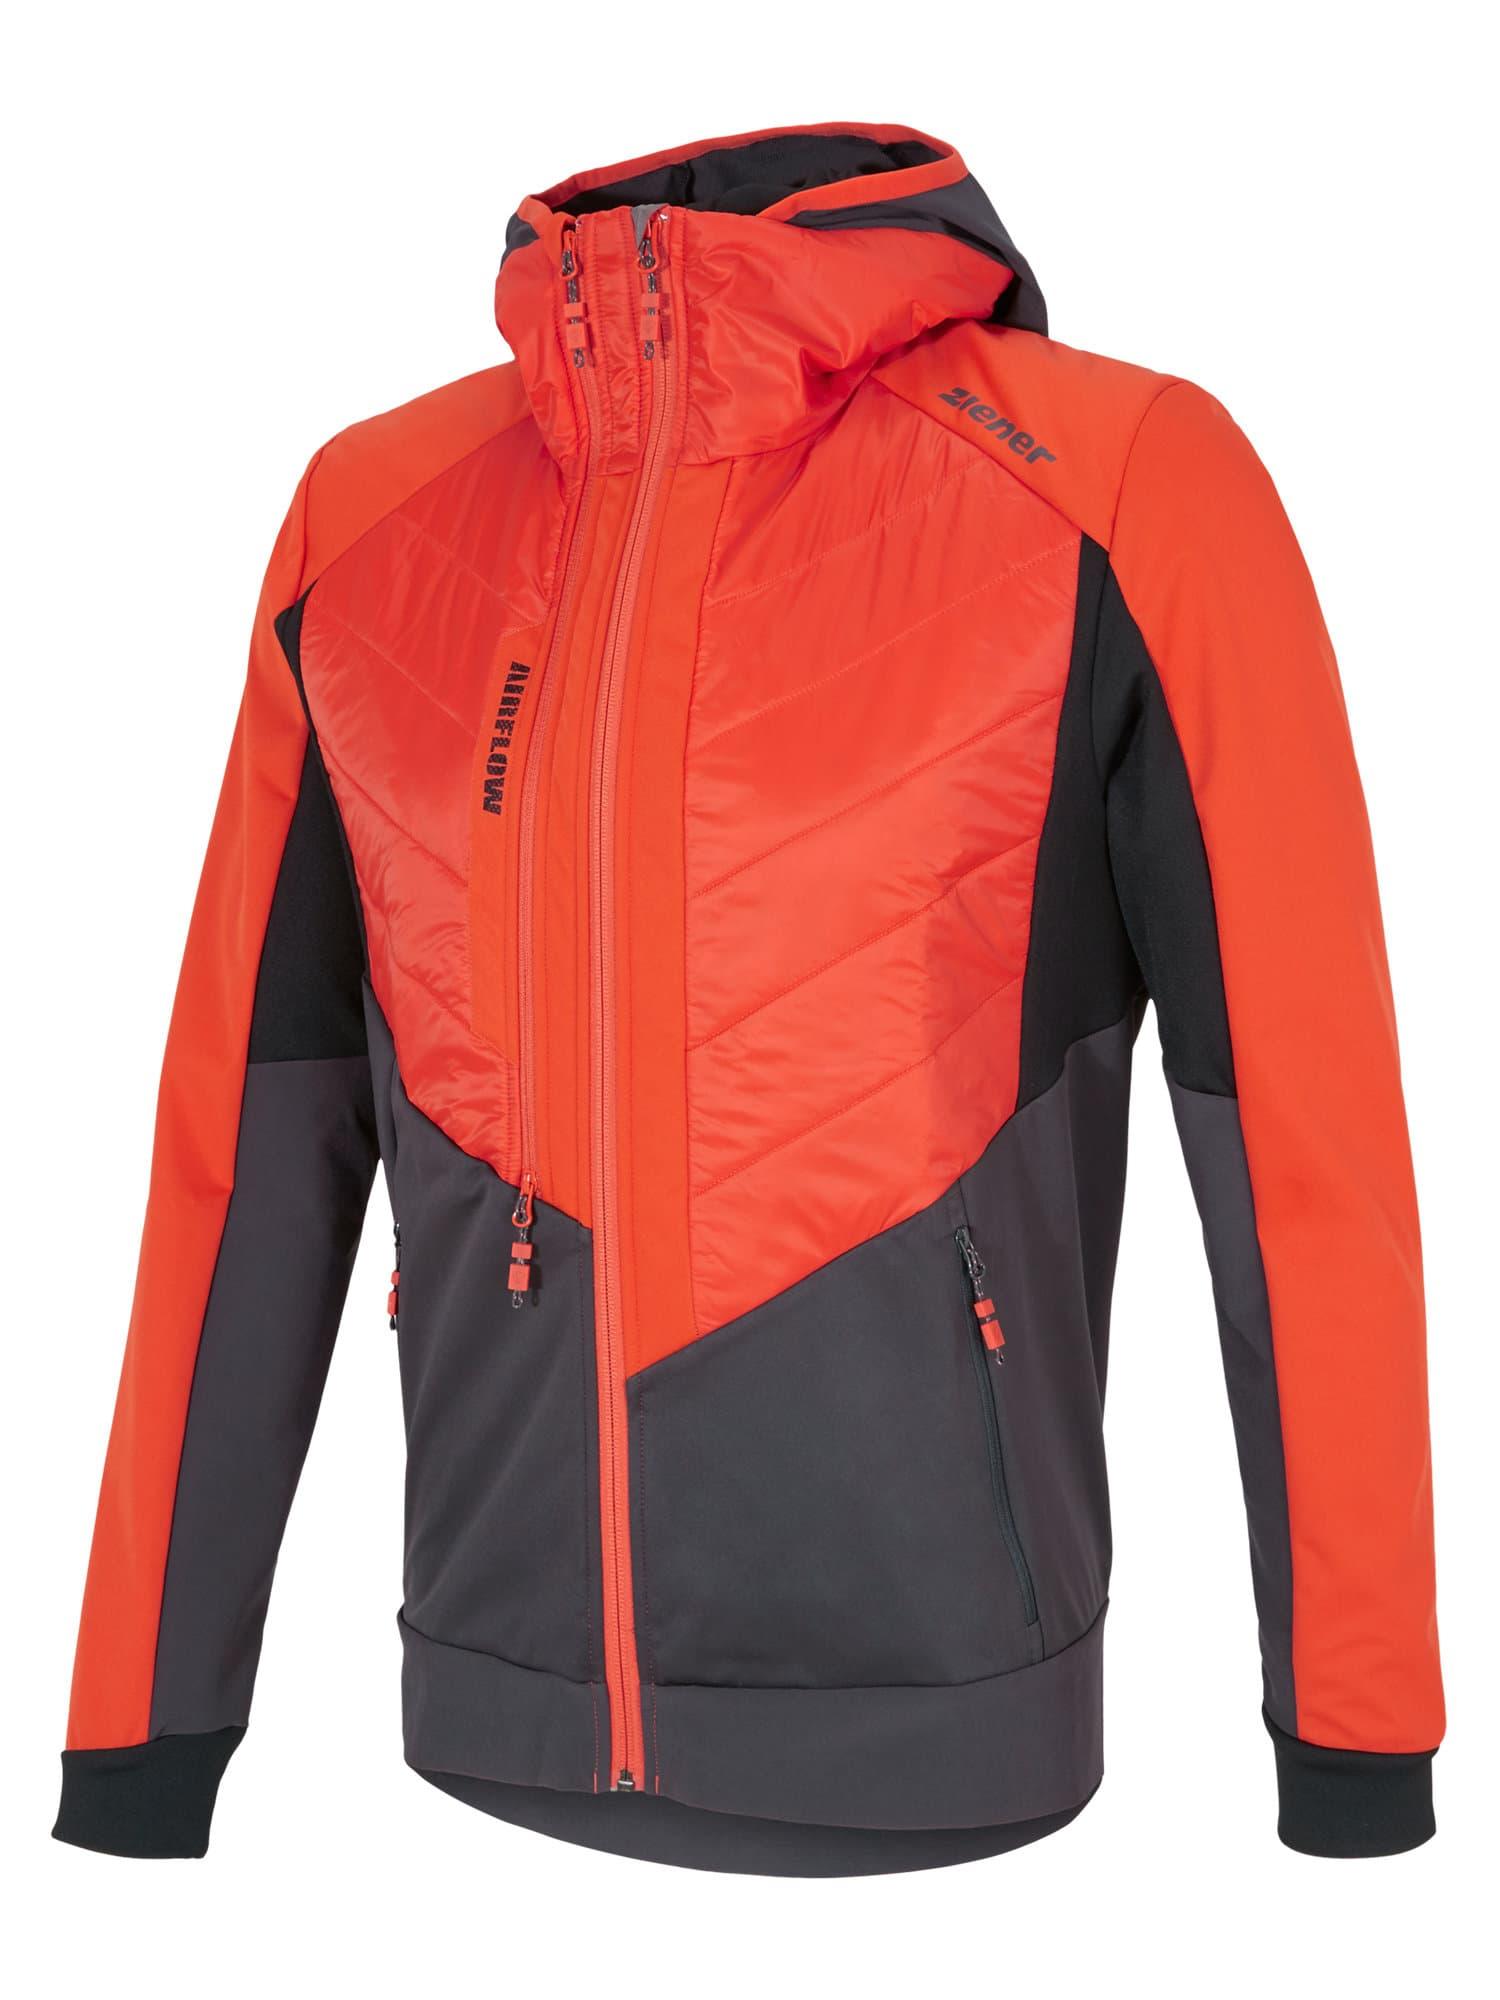 Jacken von Ziener günstig online kaufen.